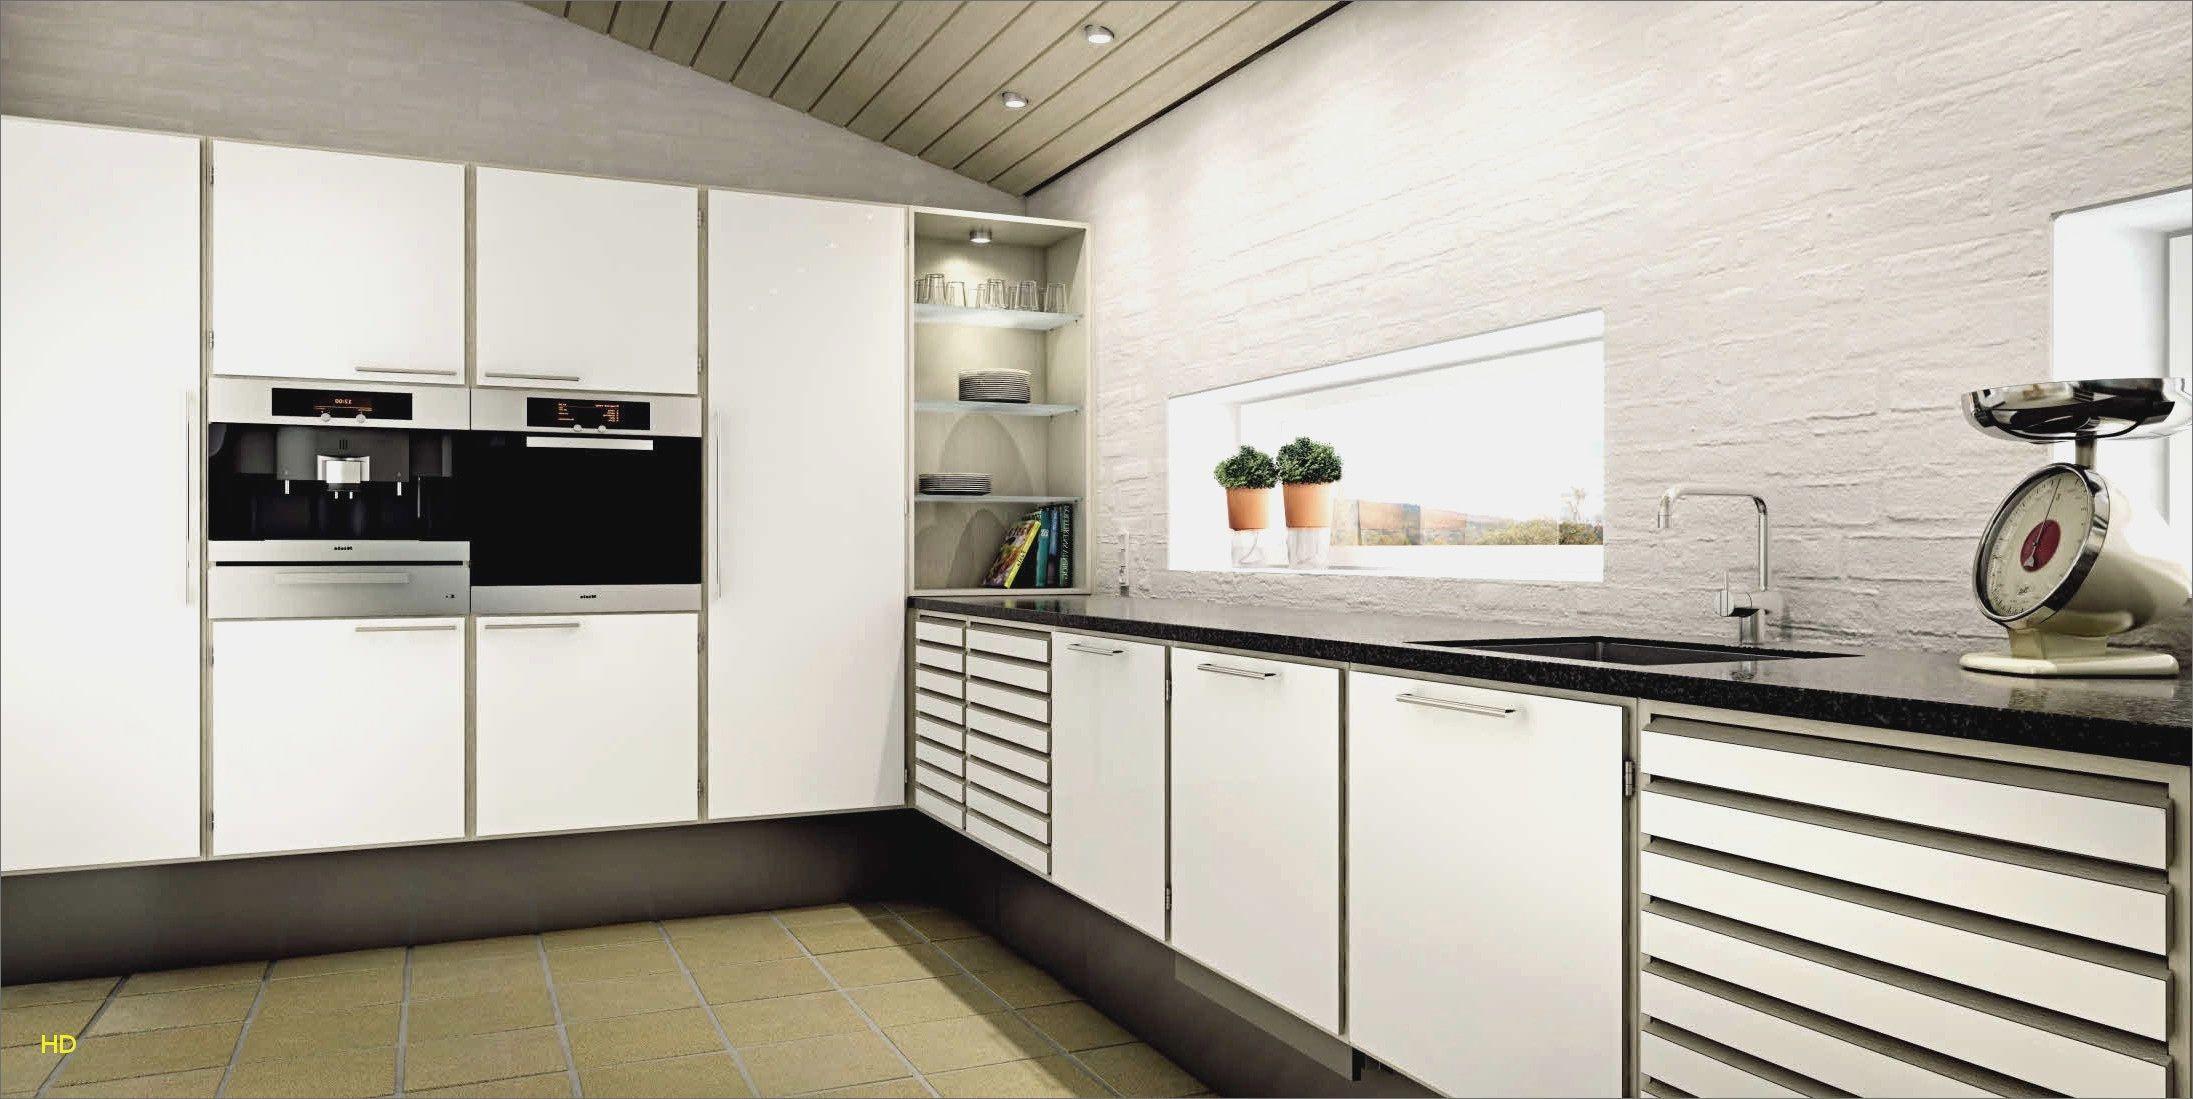 Hd Supply Granite Countertops 2020 In 2020 Countertops Granite Countertops Home